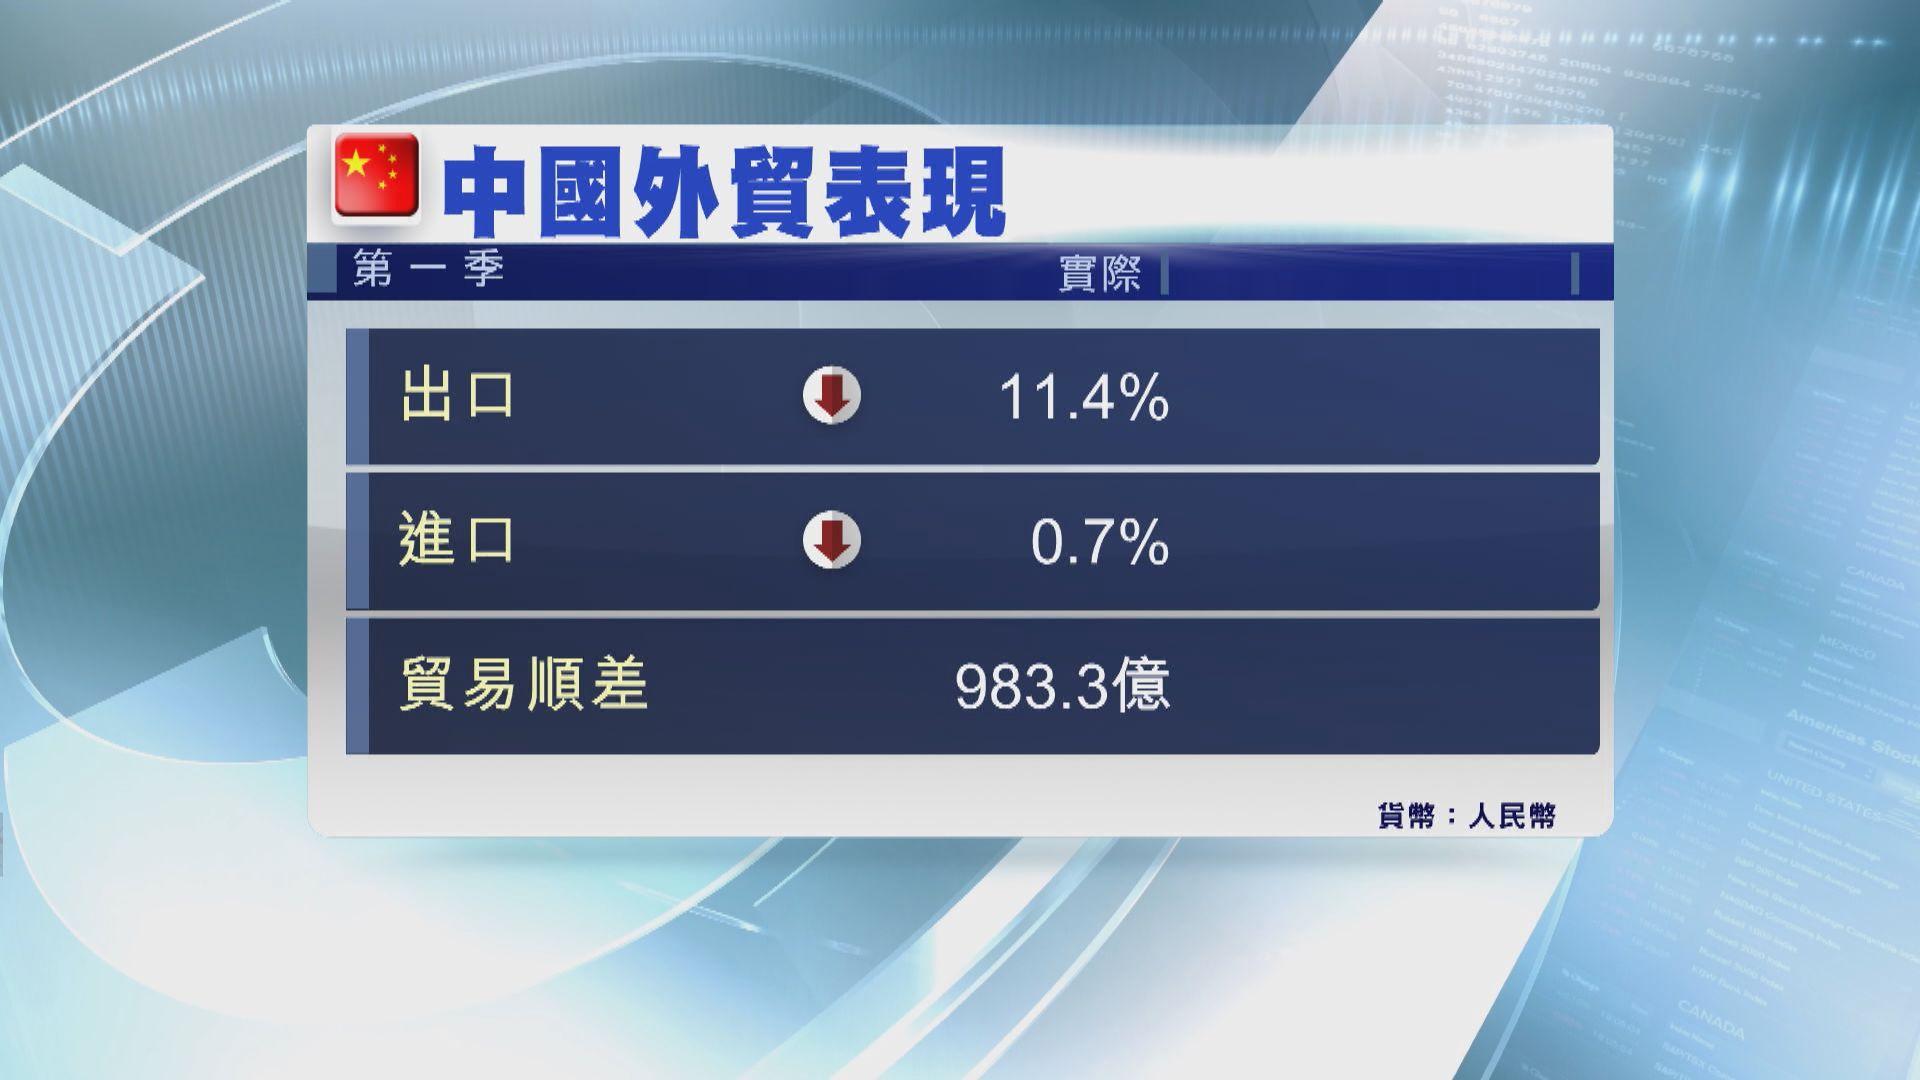 【復甦先兆?】中國3月進出口跌幅較預期少